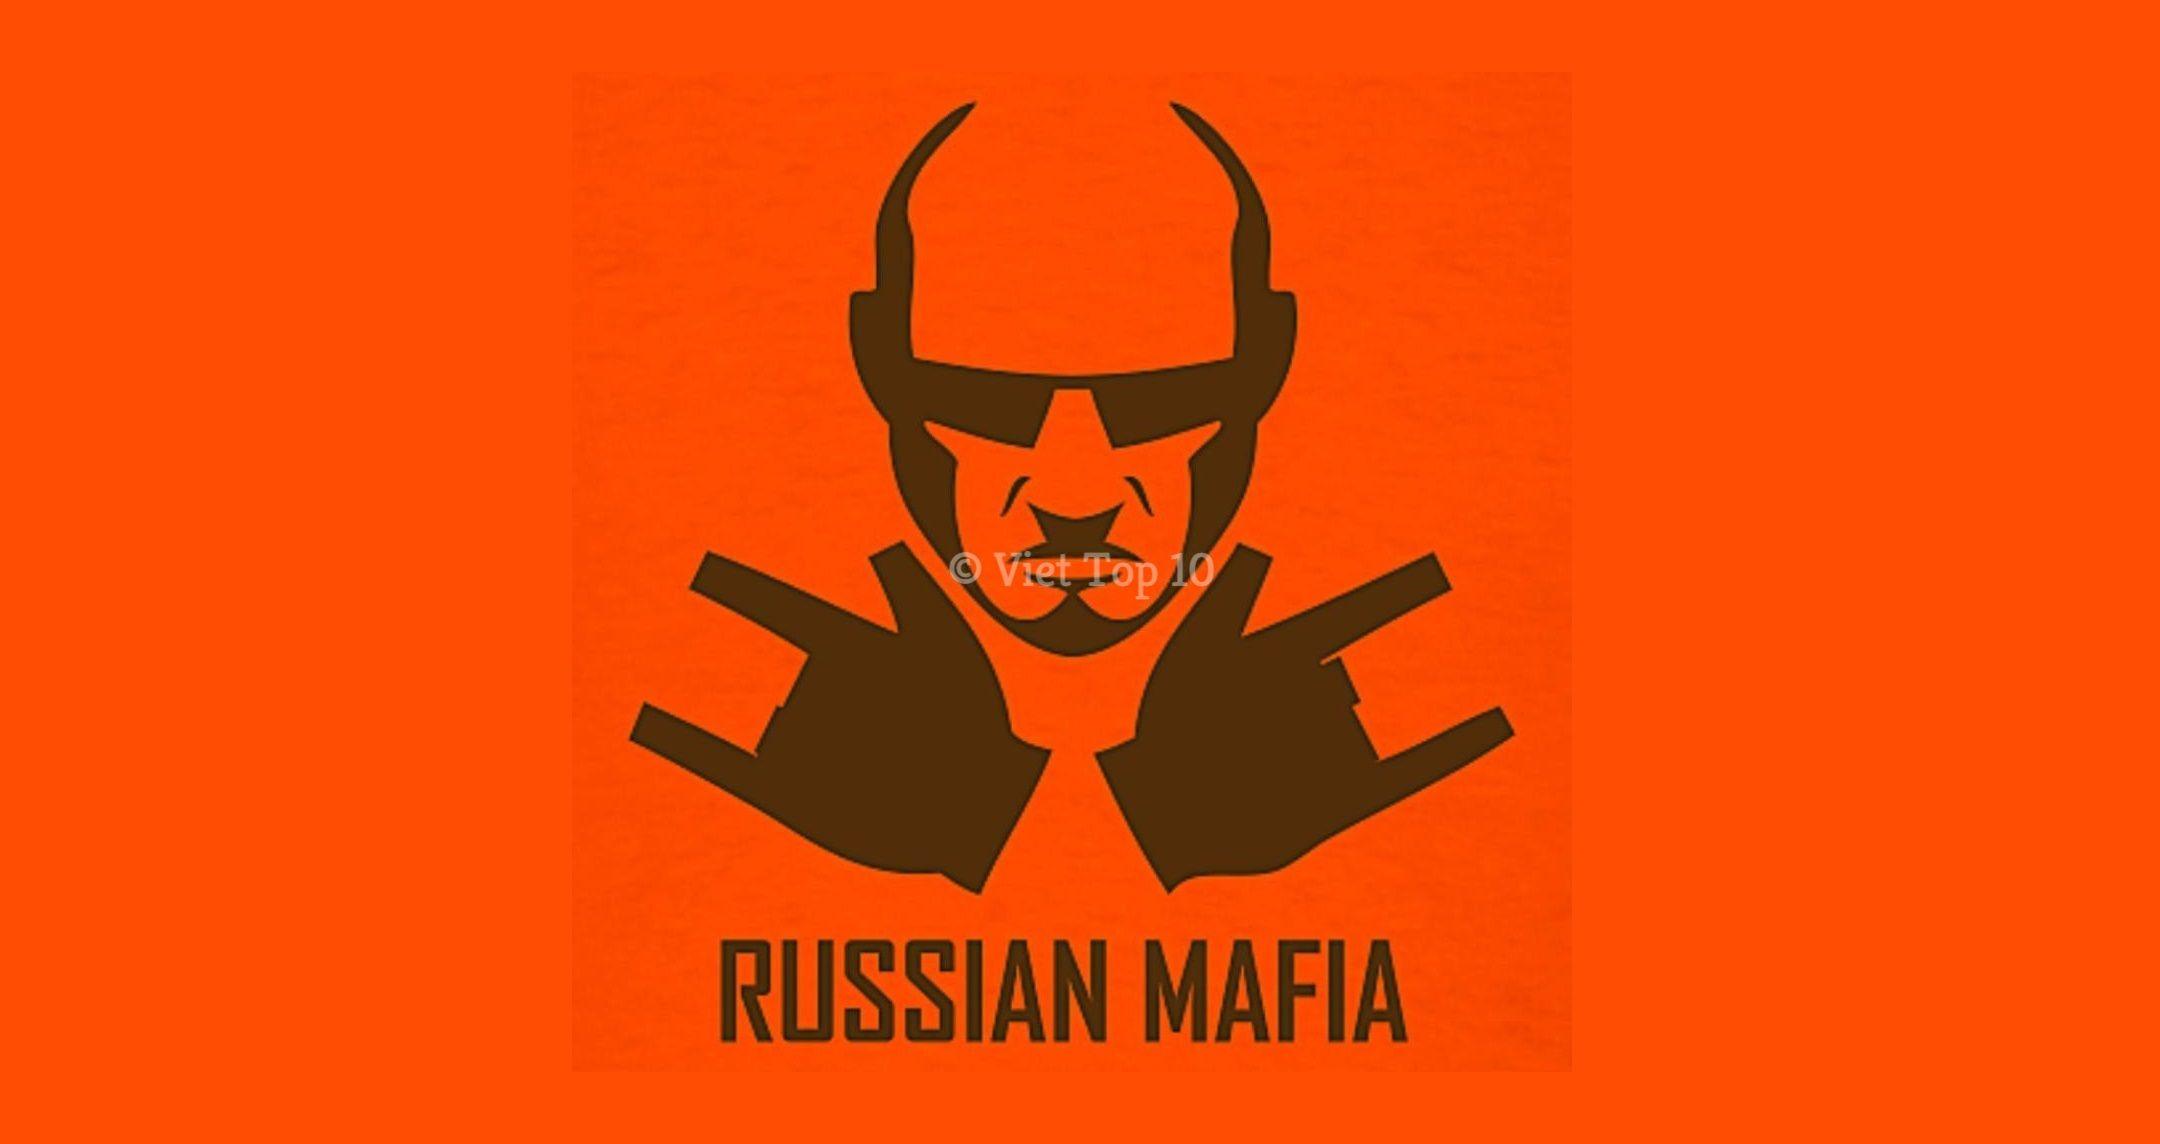 top 6 băng đảng mafia khét tiếng nhất thế giới - việt top 10 - việt top 10 net - viettop10